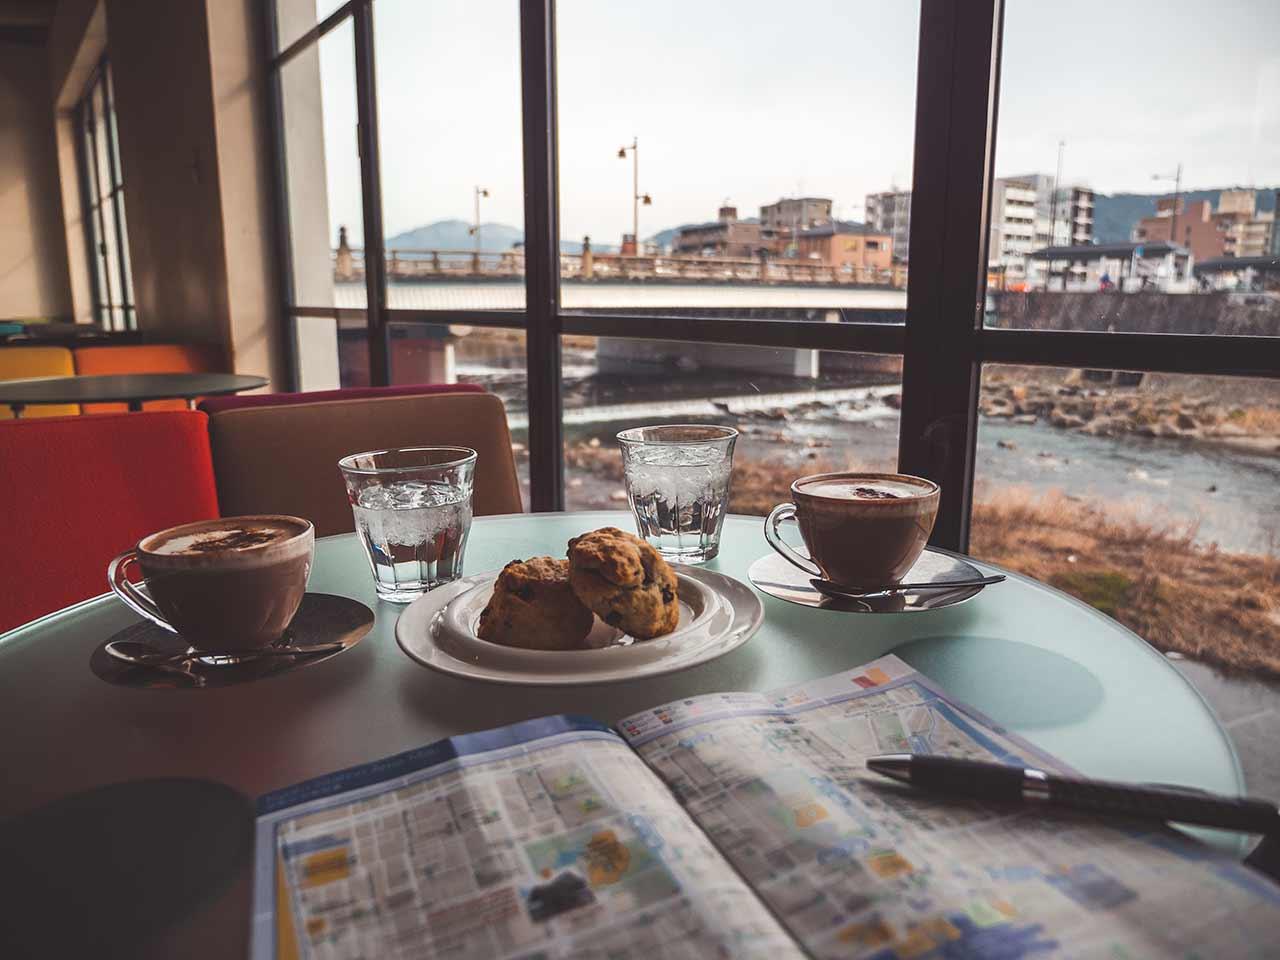 Cafe direkt am Kamogava River mit schöner Aussicht in Kyoto Japan